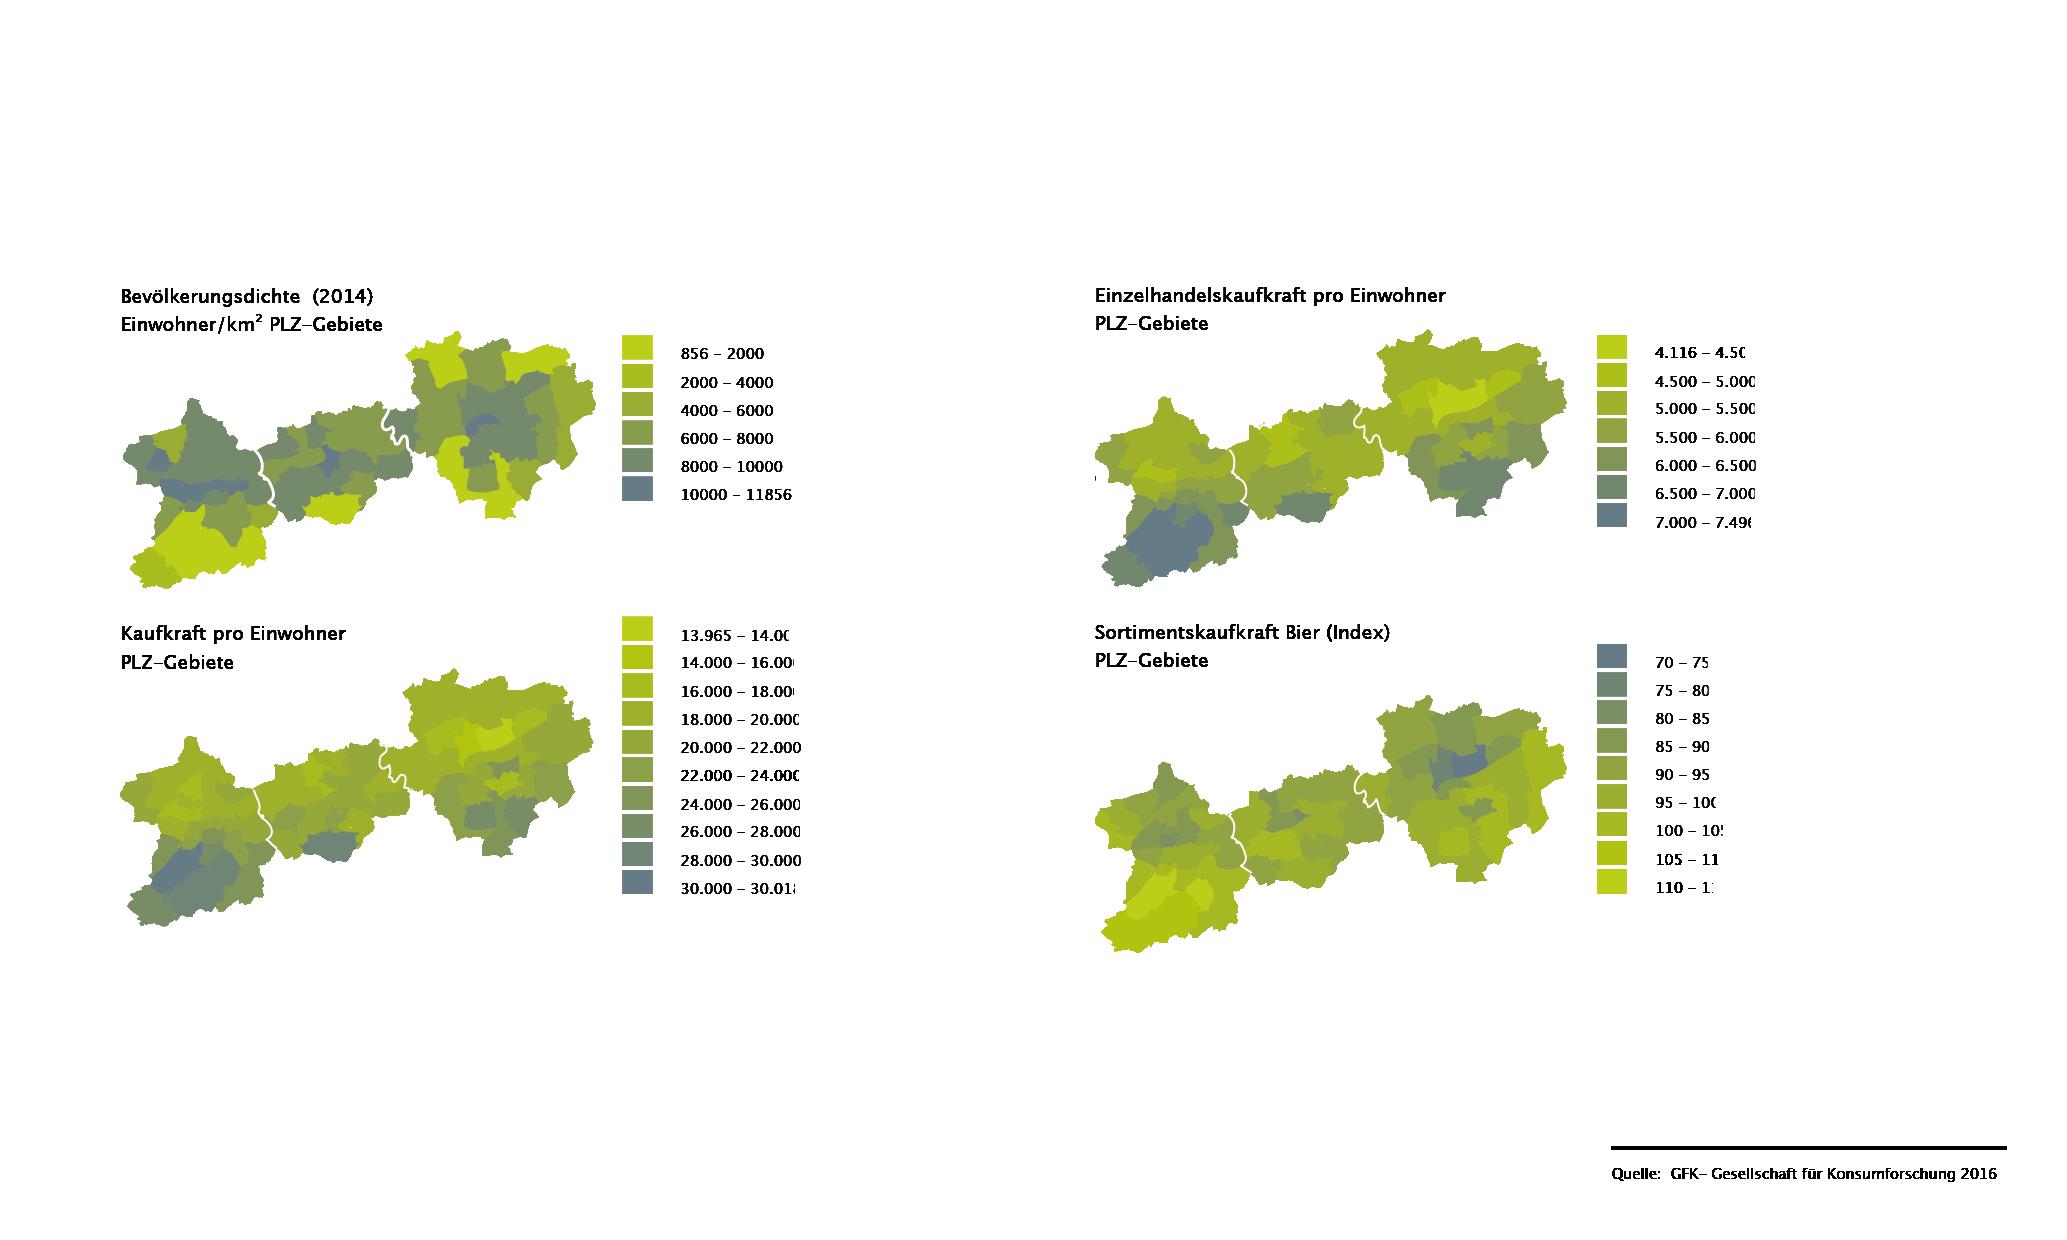 Bochum Standortfaktor Bermuda3eck Analyse Statistik Bevölkerungsdichte Kaufkraft Einzelhandel Sortiment Bier Karte